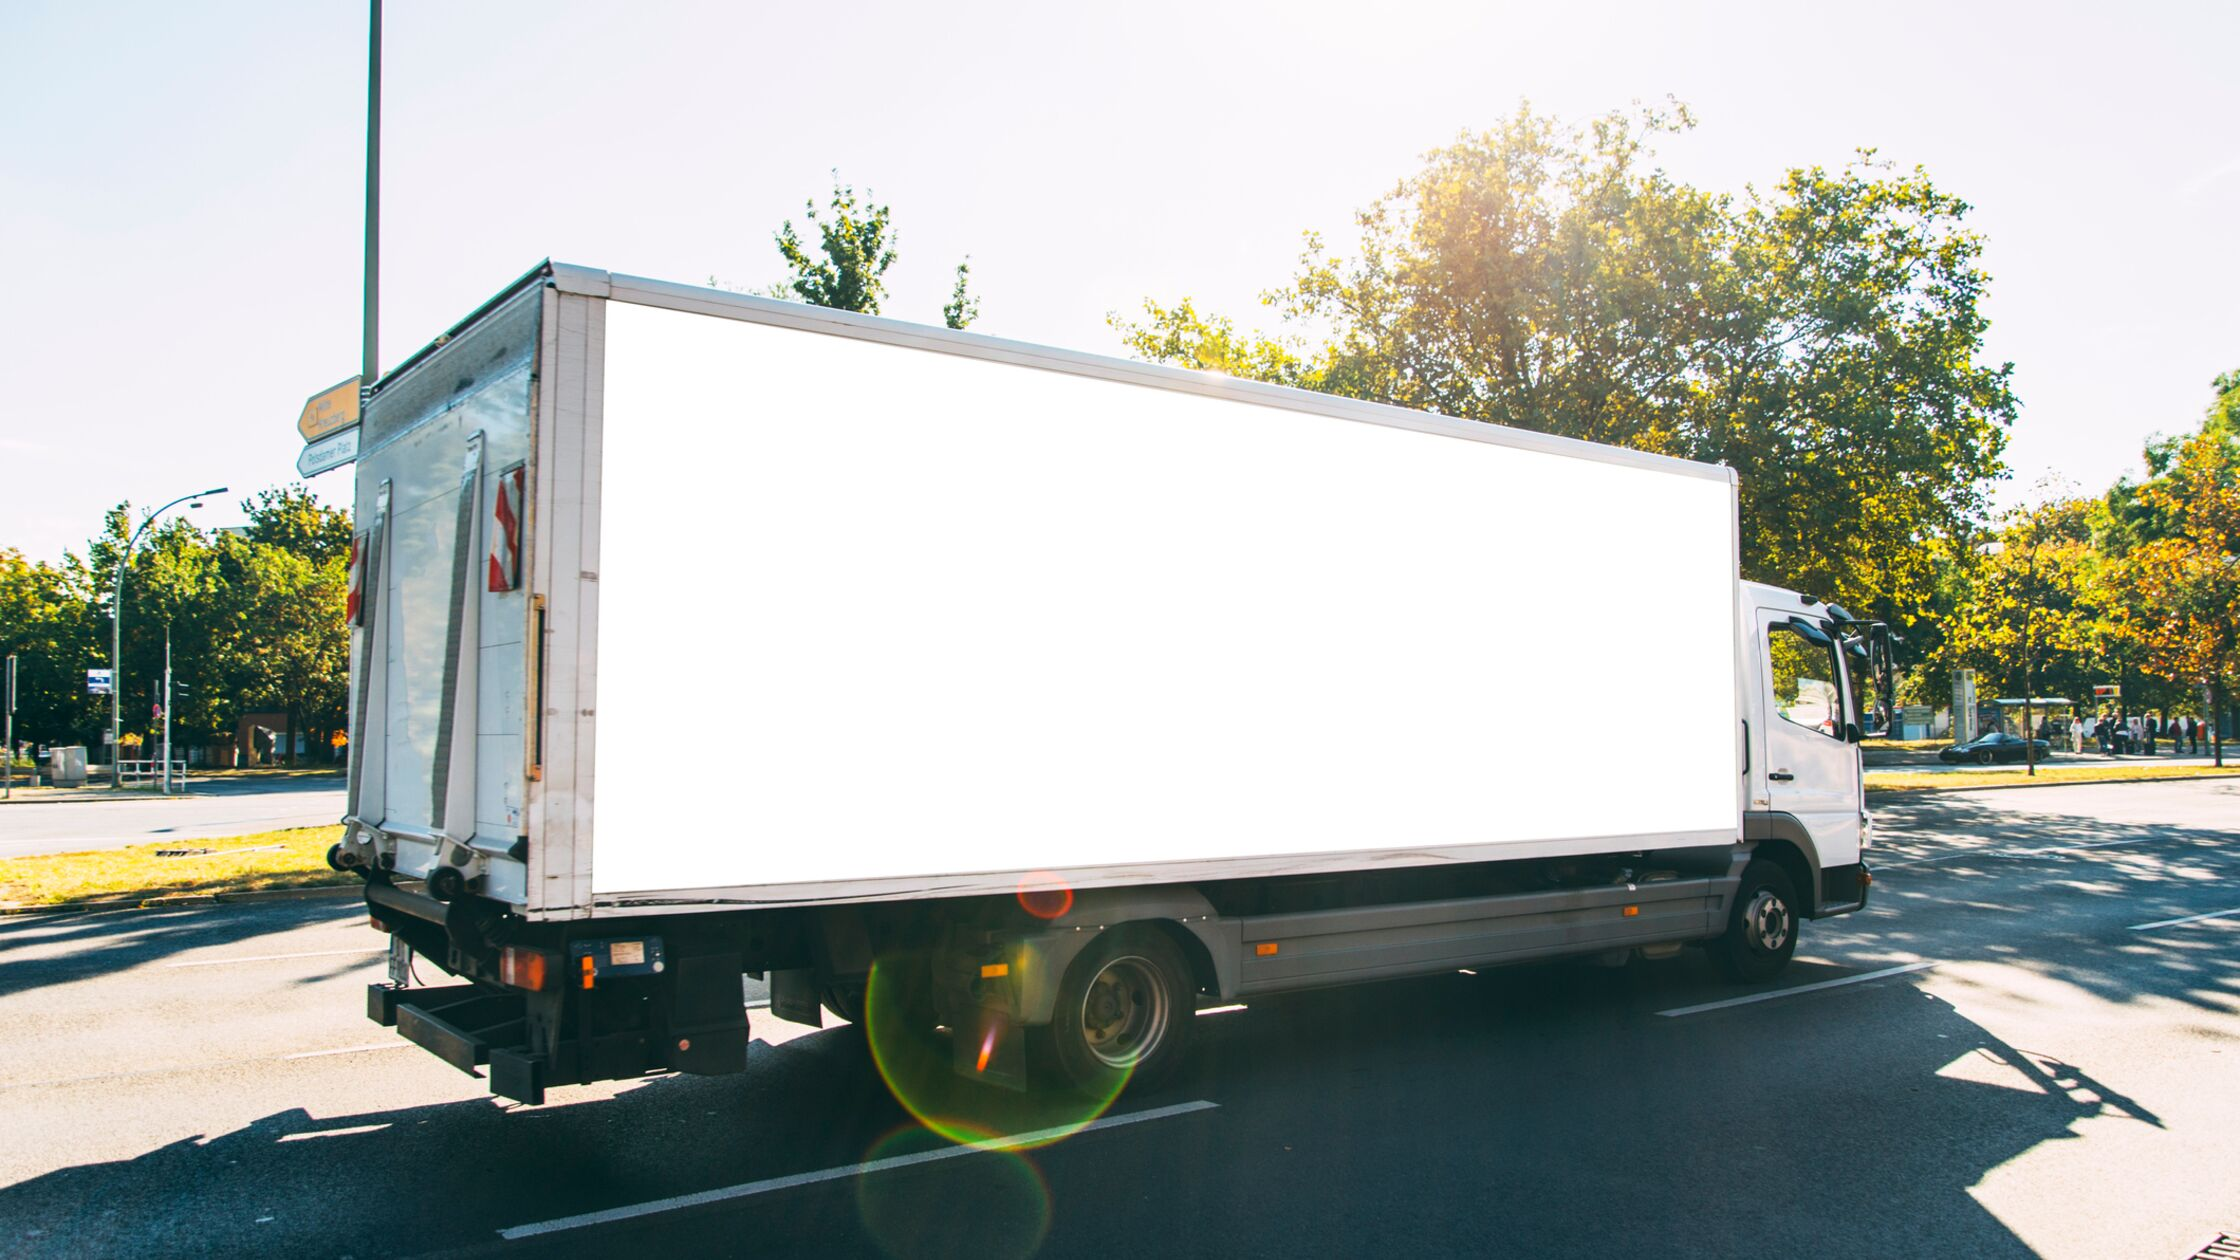 Umziehen am Sonntag: Fahrverbot für private Lkw?